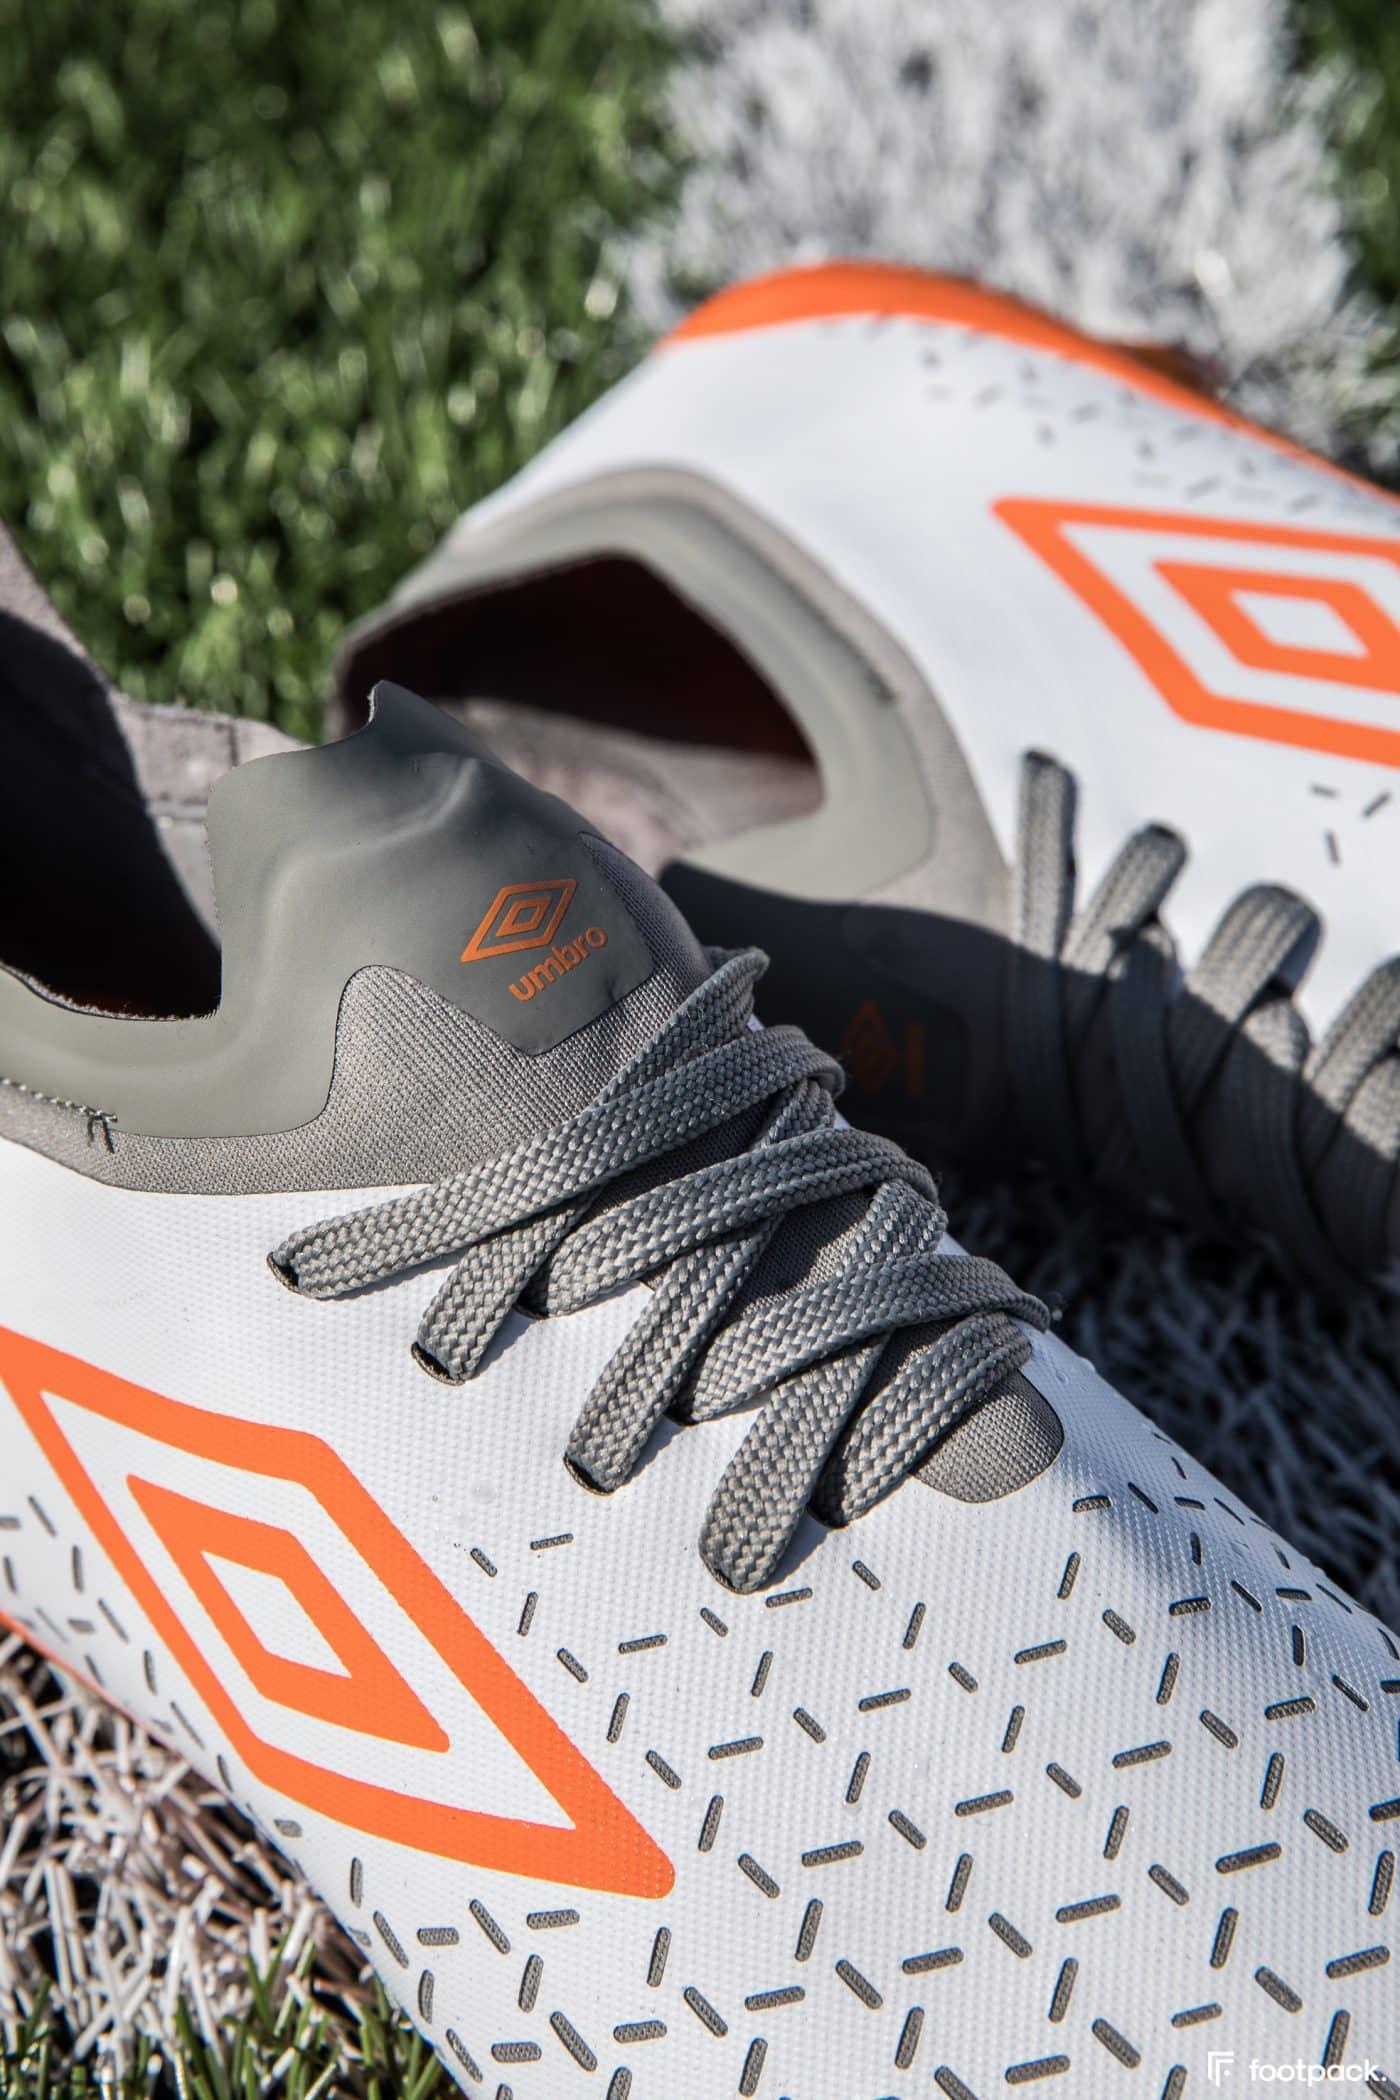 umbro-velocita-5-blanche-orange-footpack-6